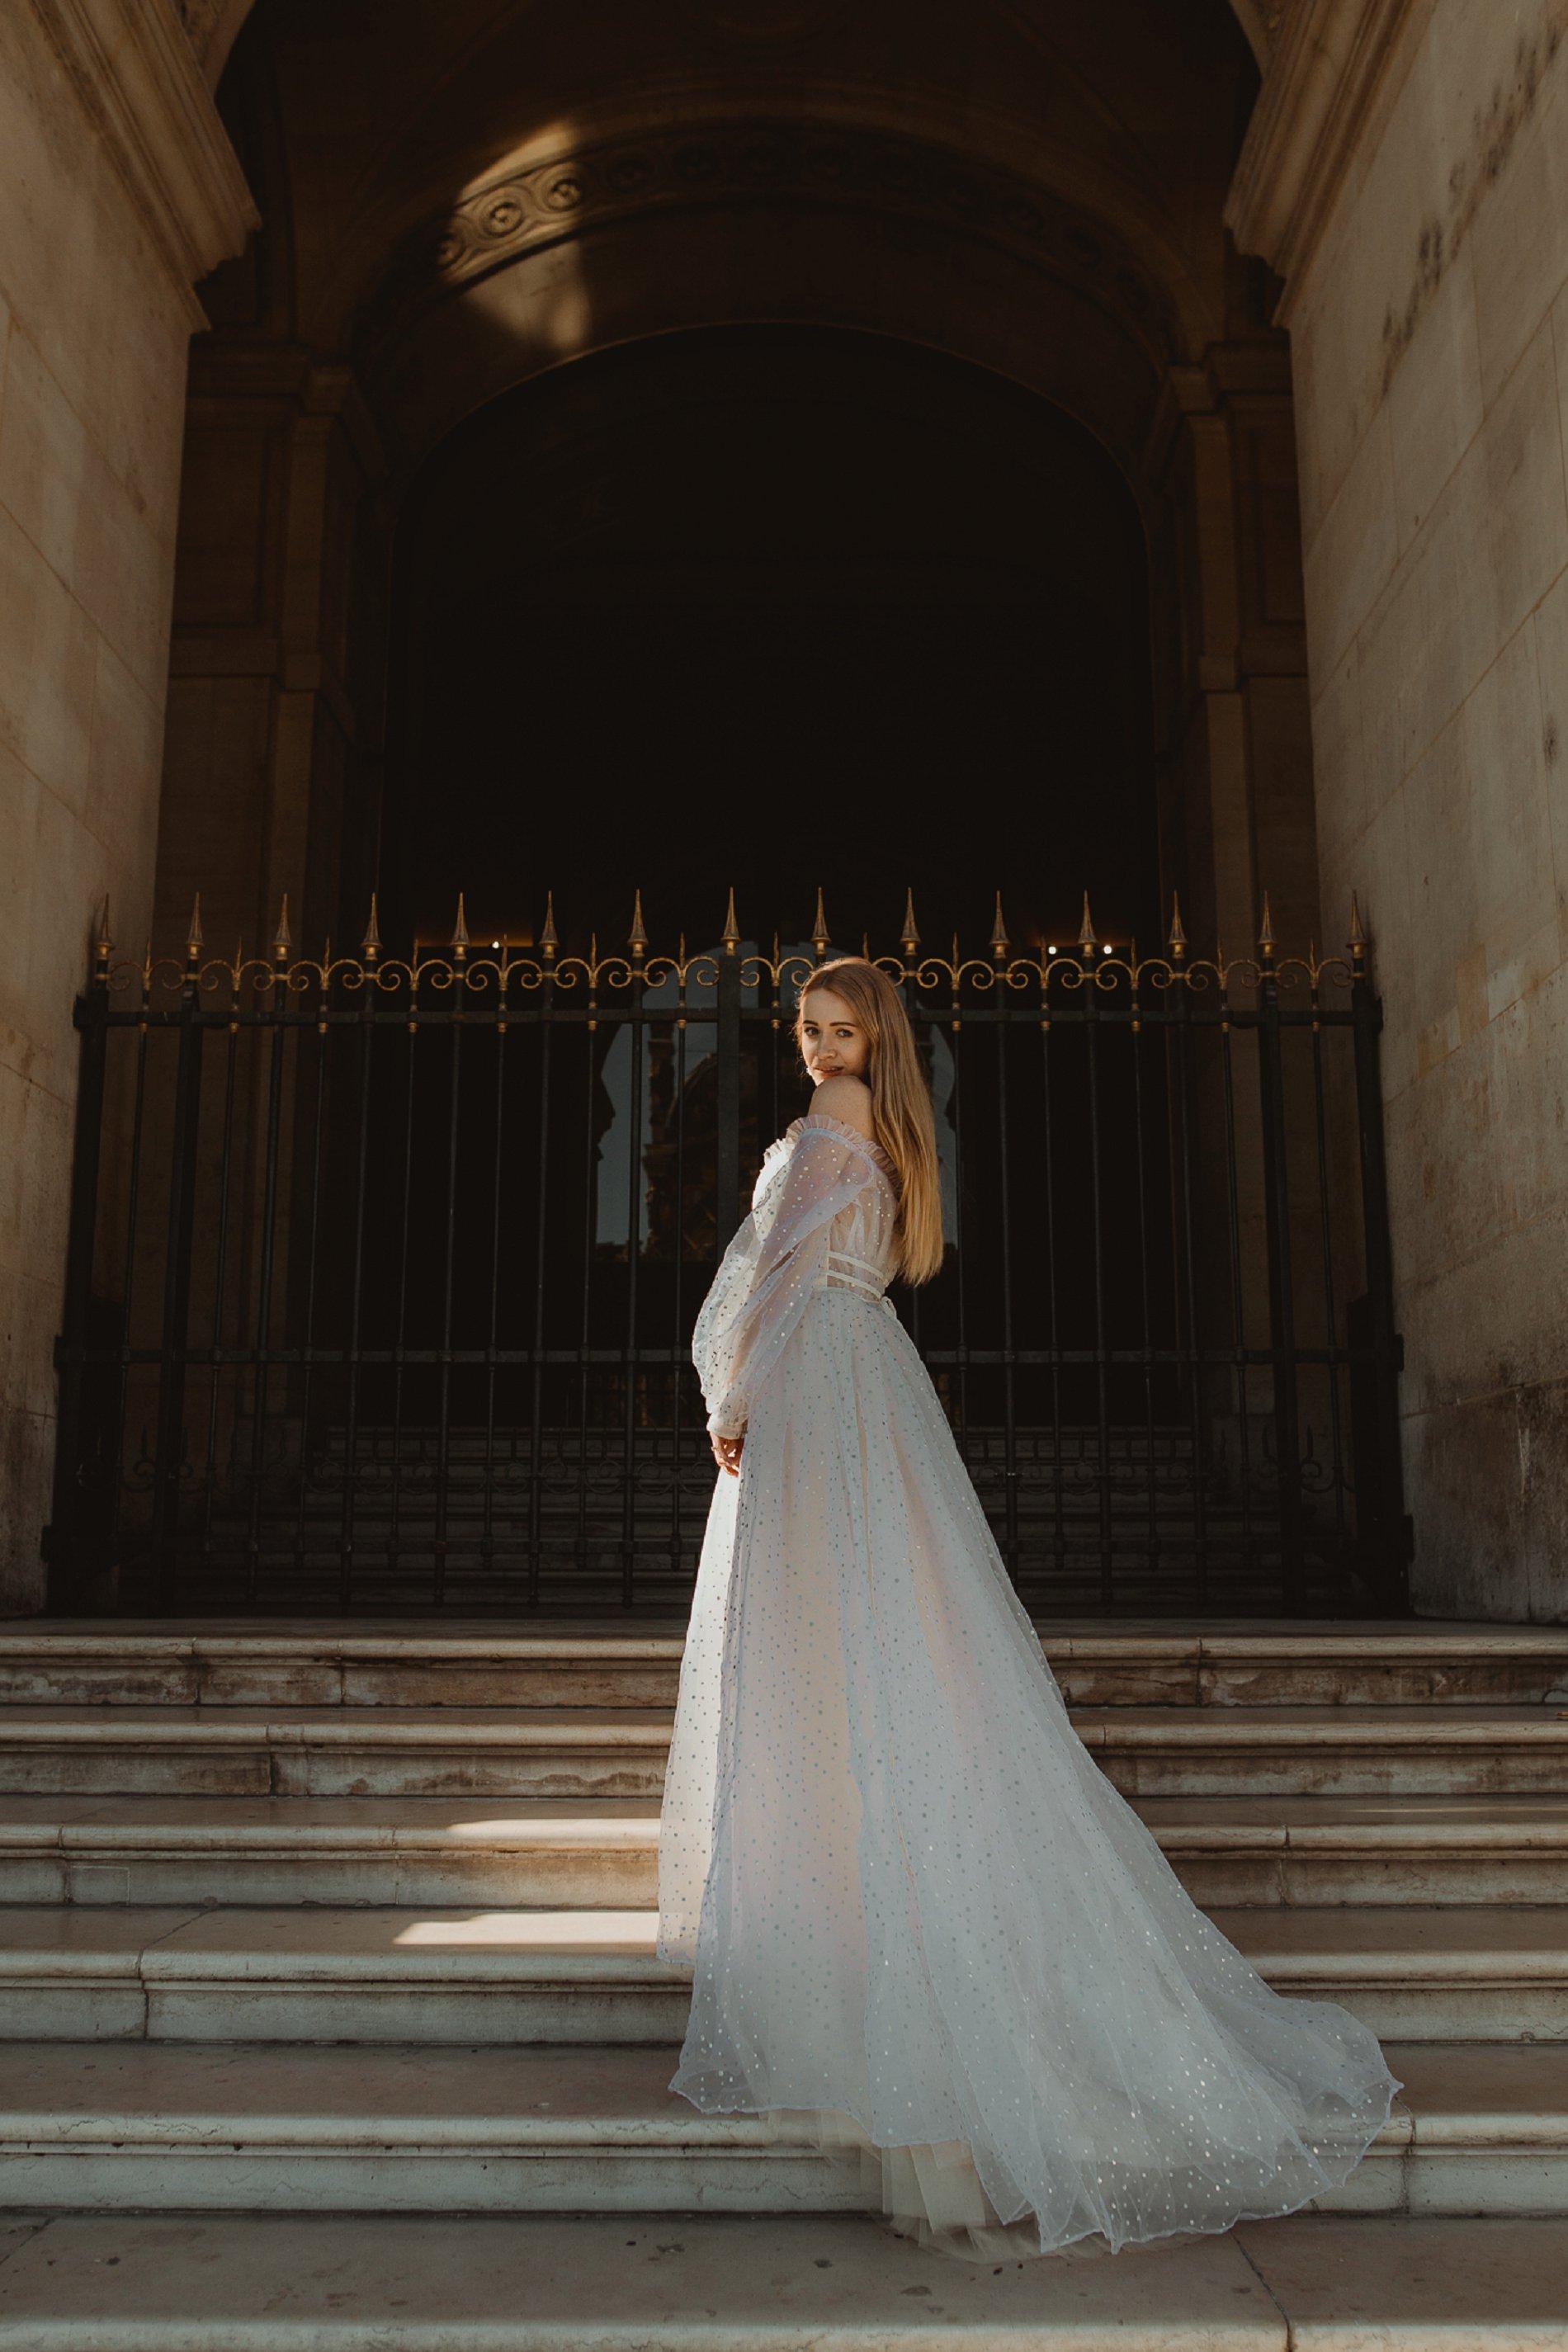 Miss He Bridal Romantic Paris Elopement (c) Xanthe Rowland Photography (32)